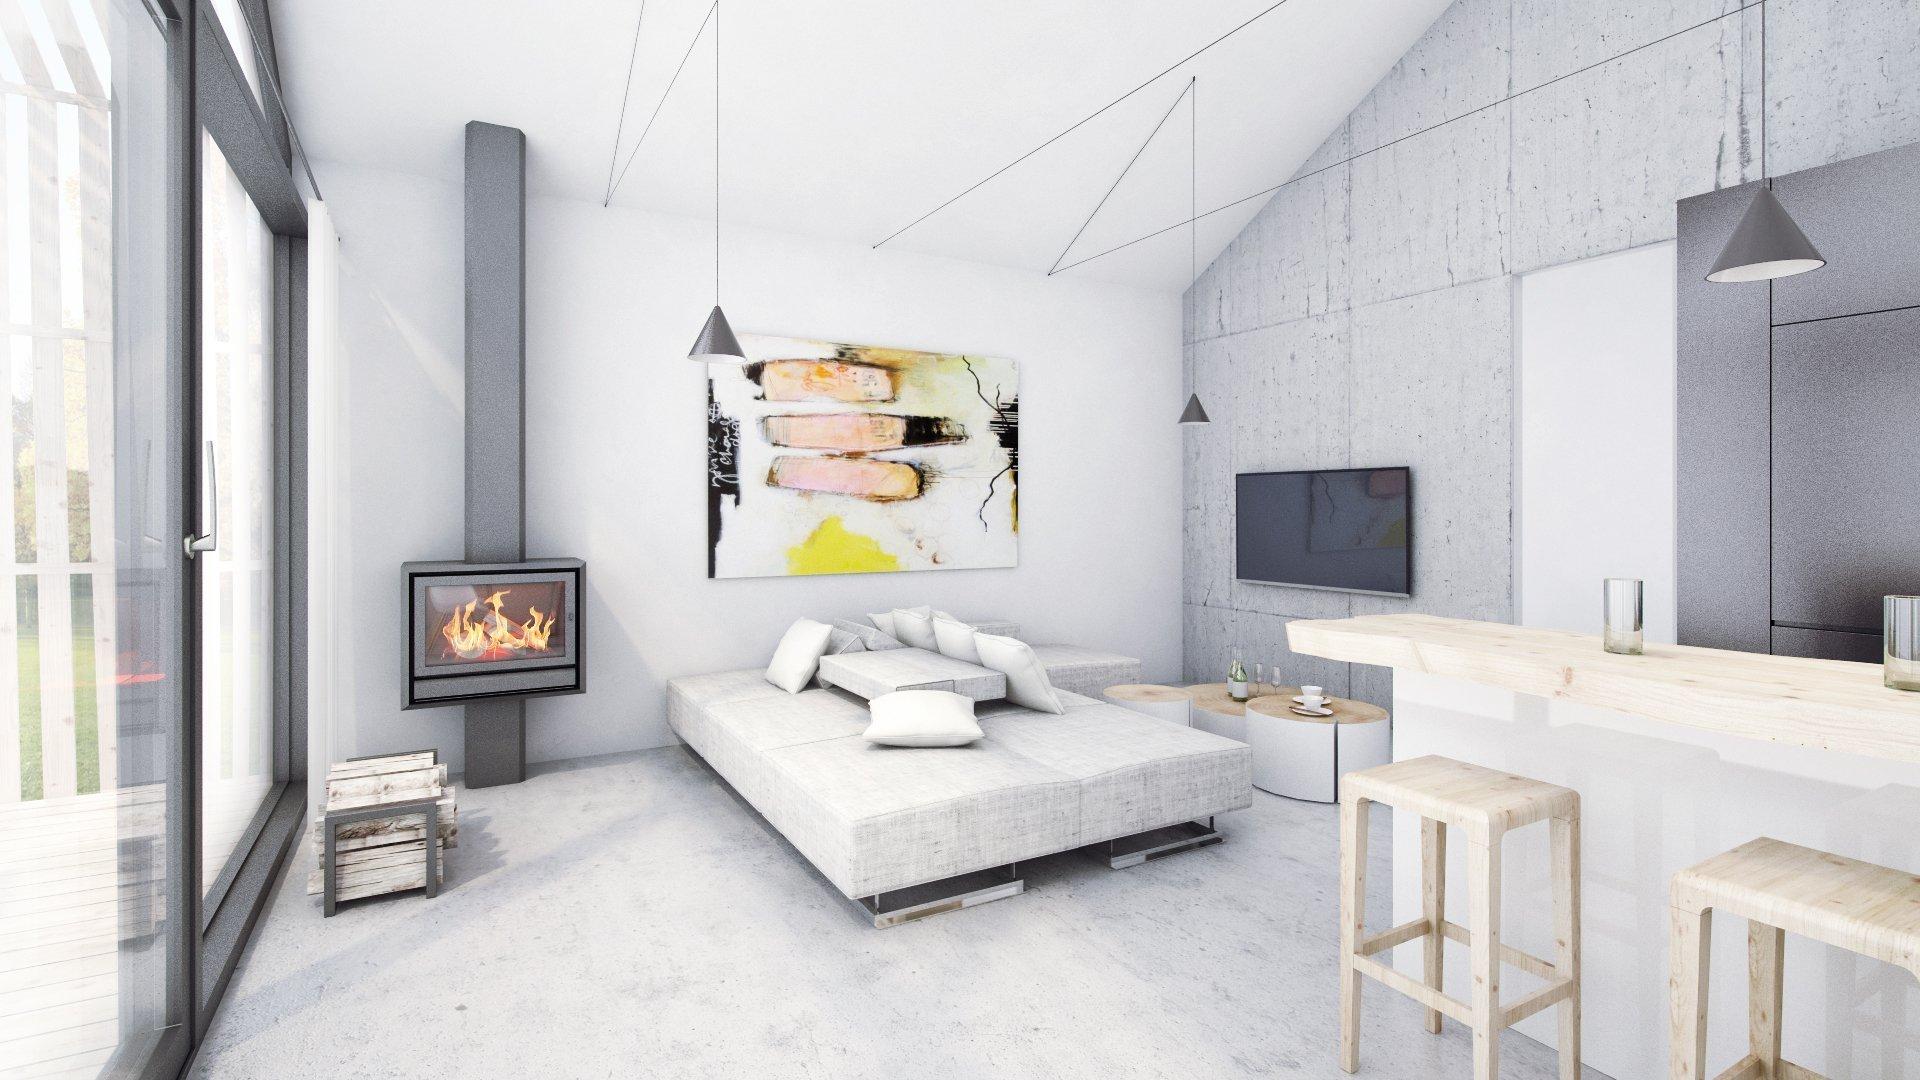 ... na zemi je navžena betonová stěrka, která je zopakovaná i na stěně za televizí...